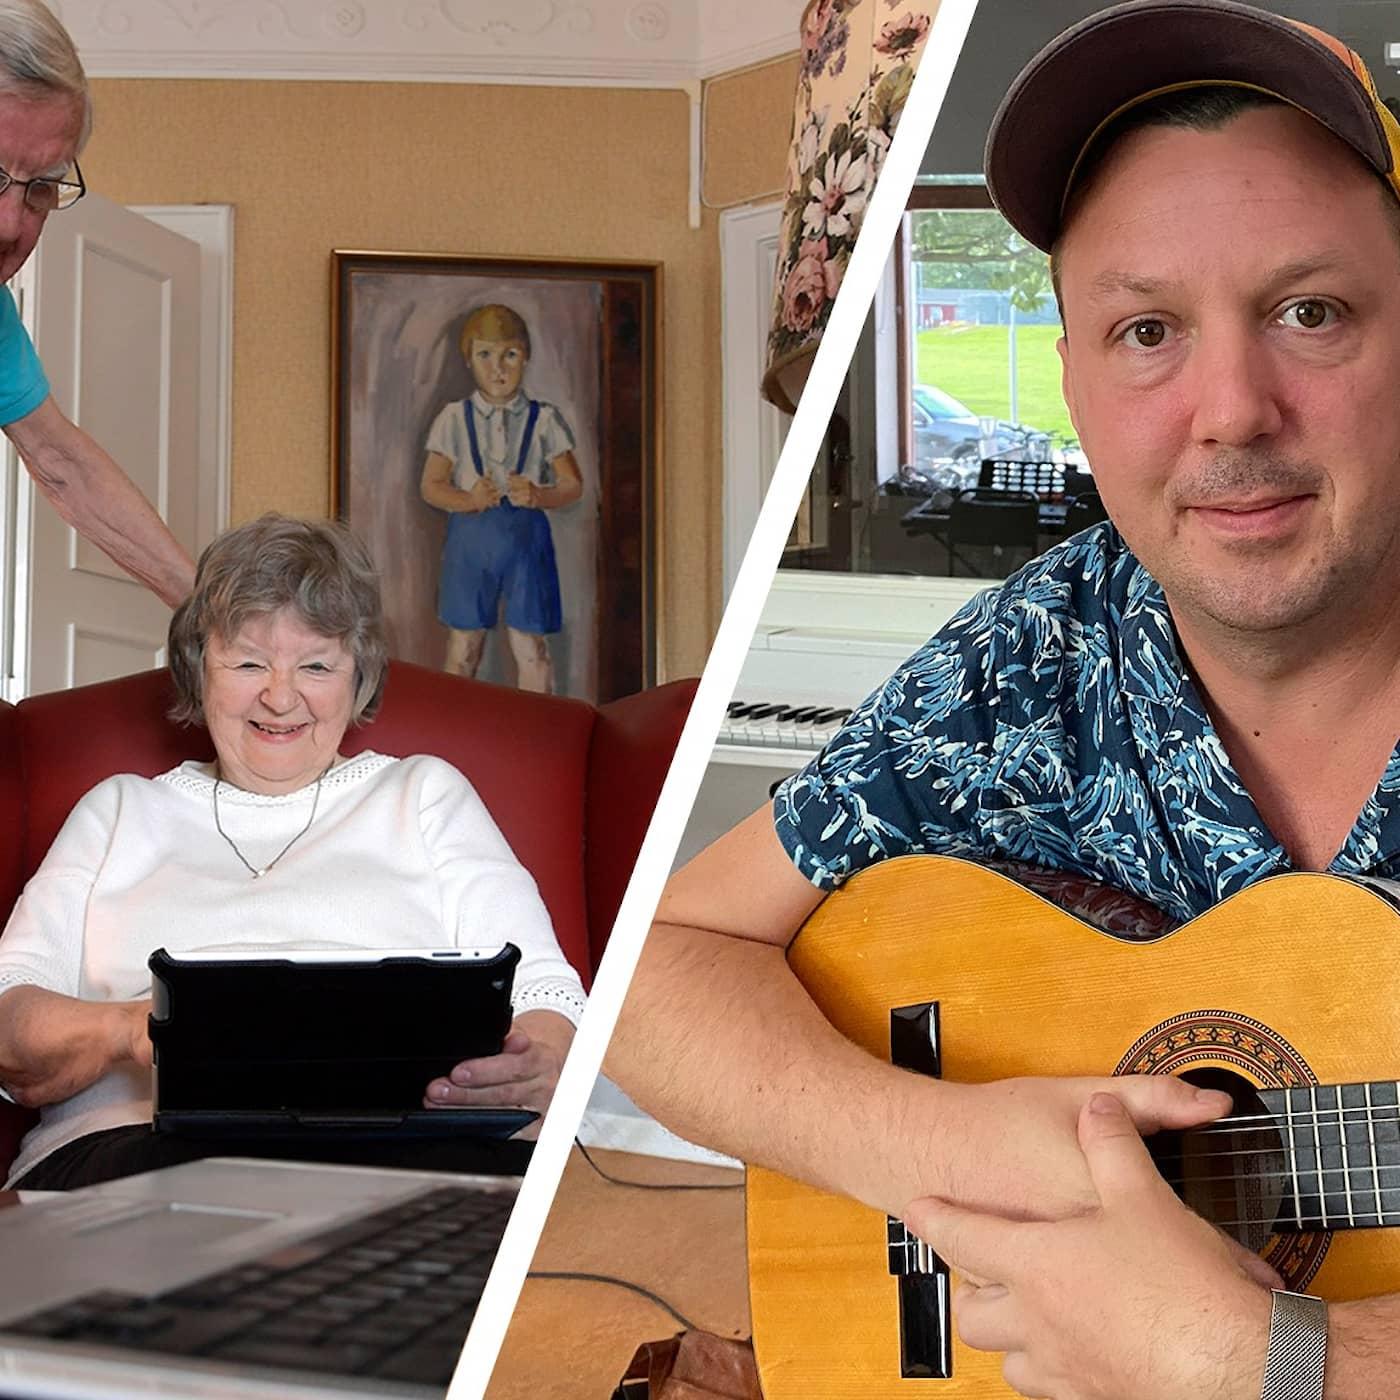 Digital kulturboom bland äldre under pandemin